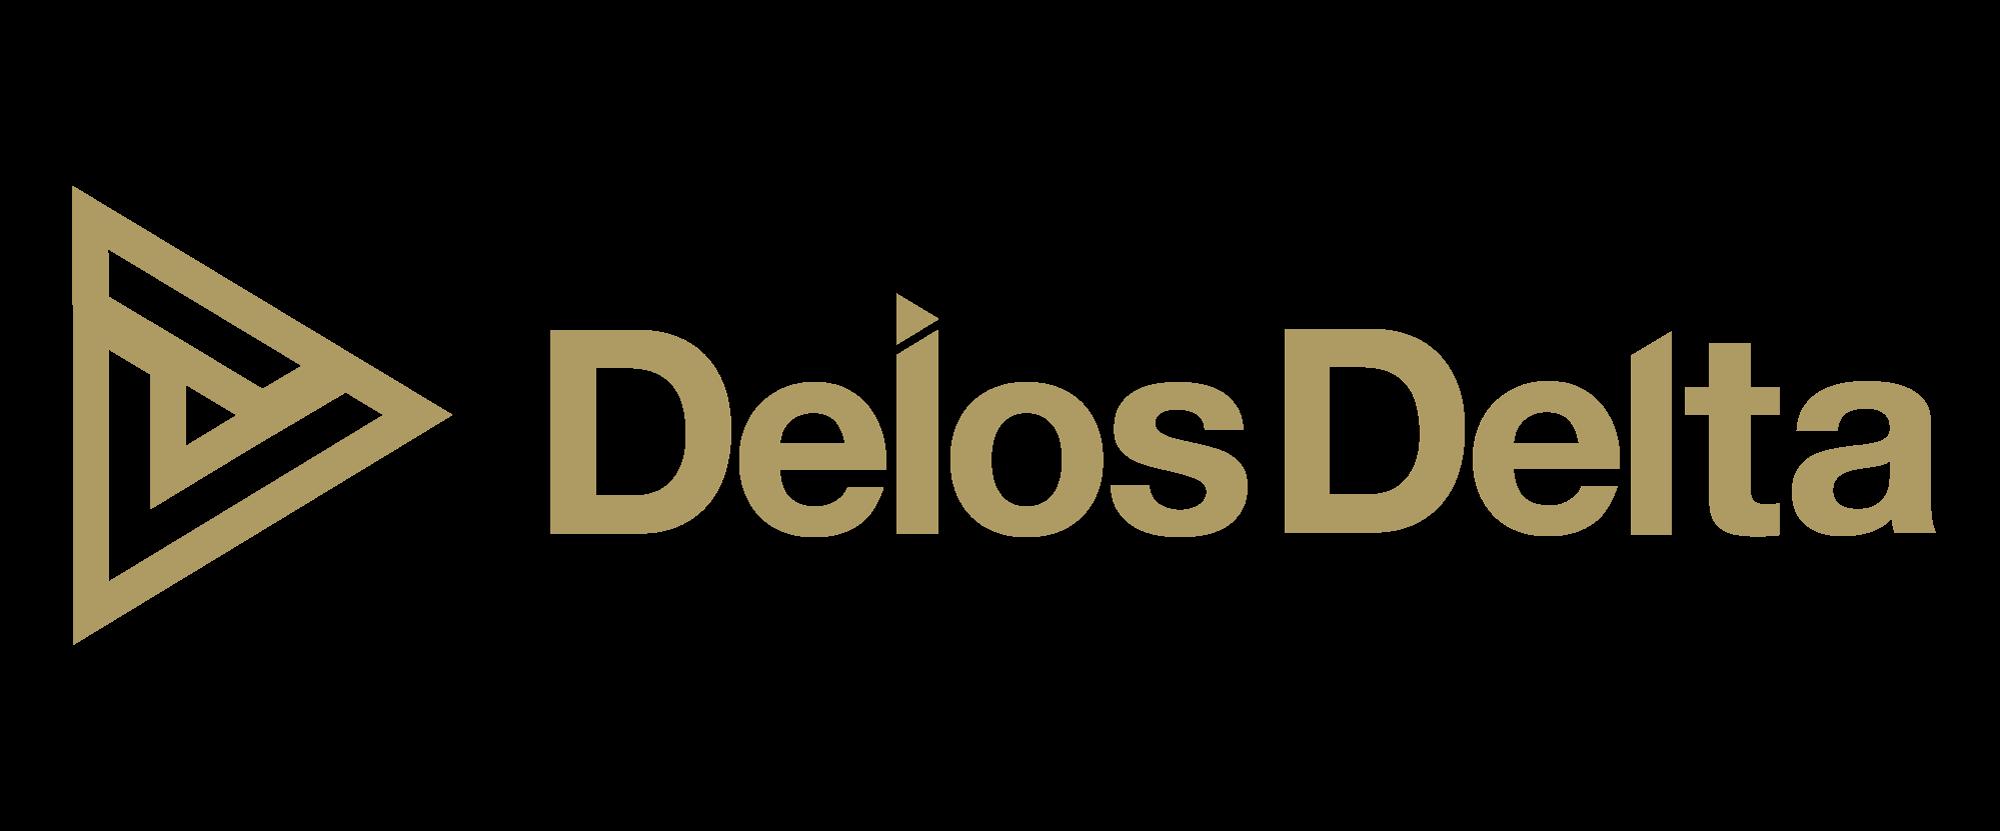 Delos Delta